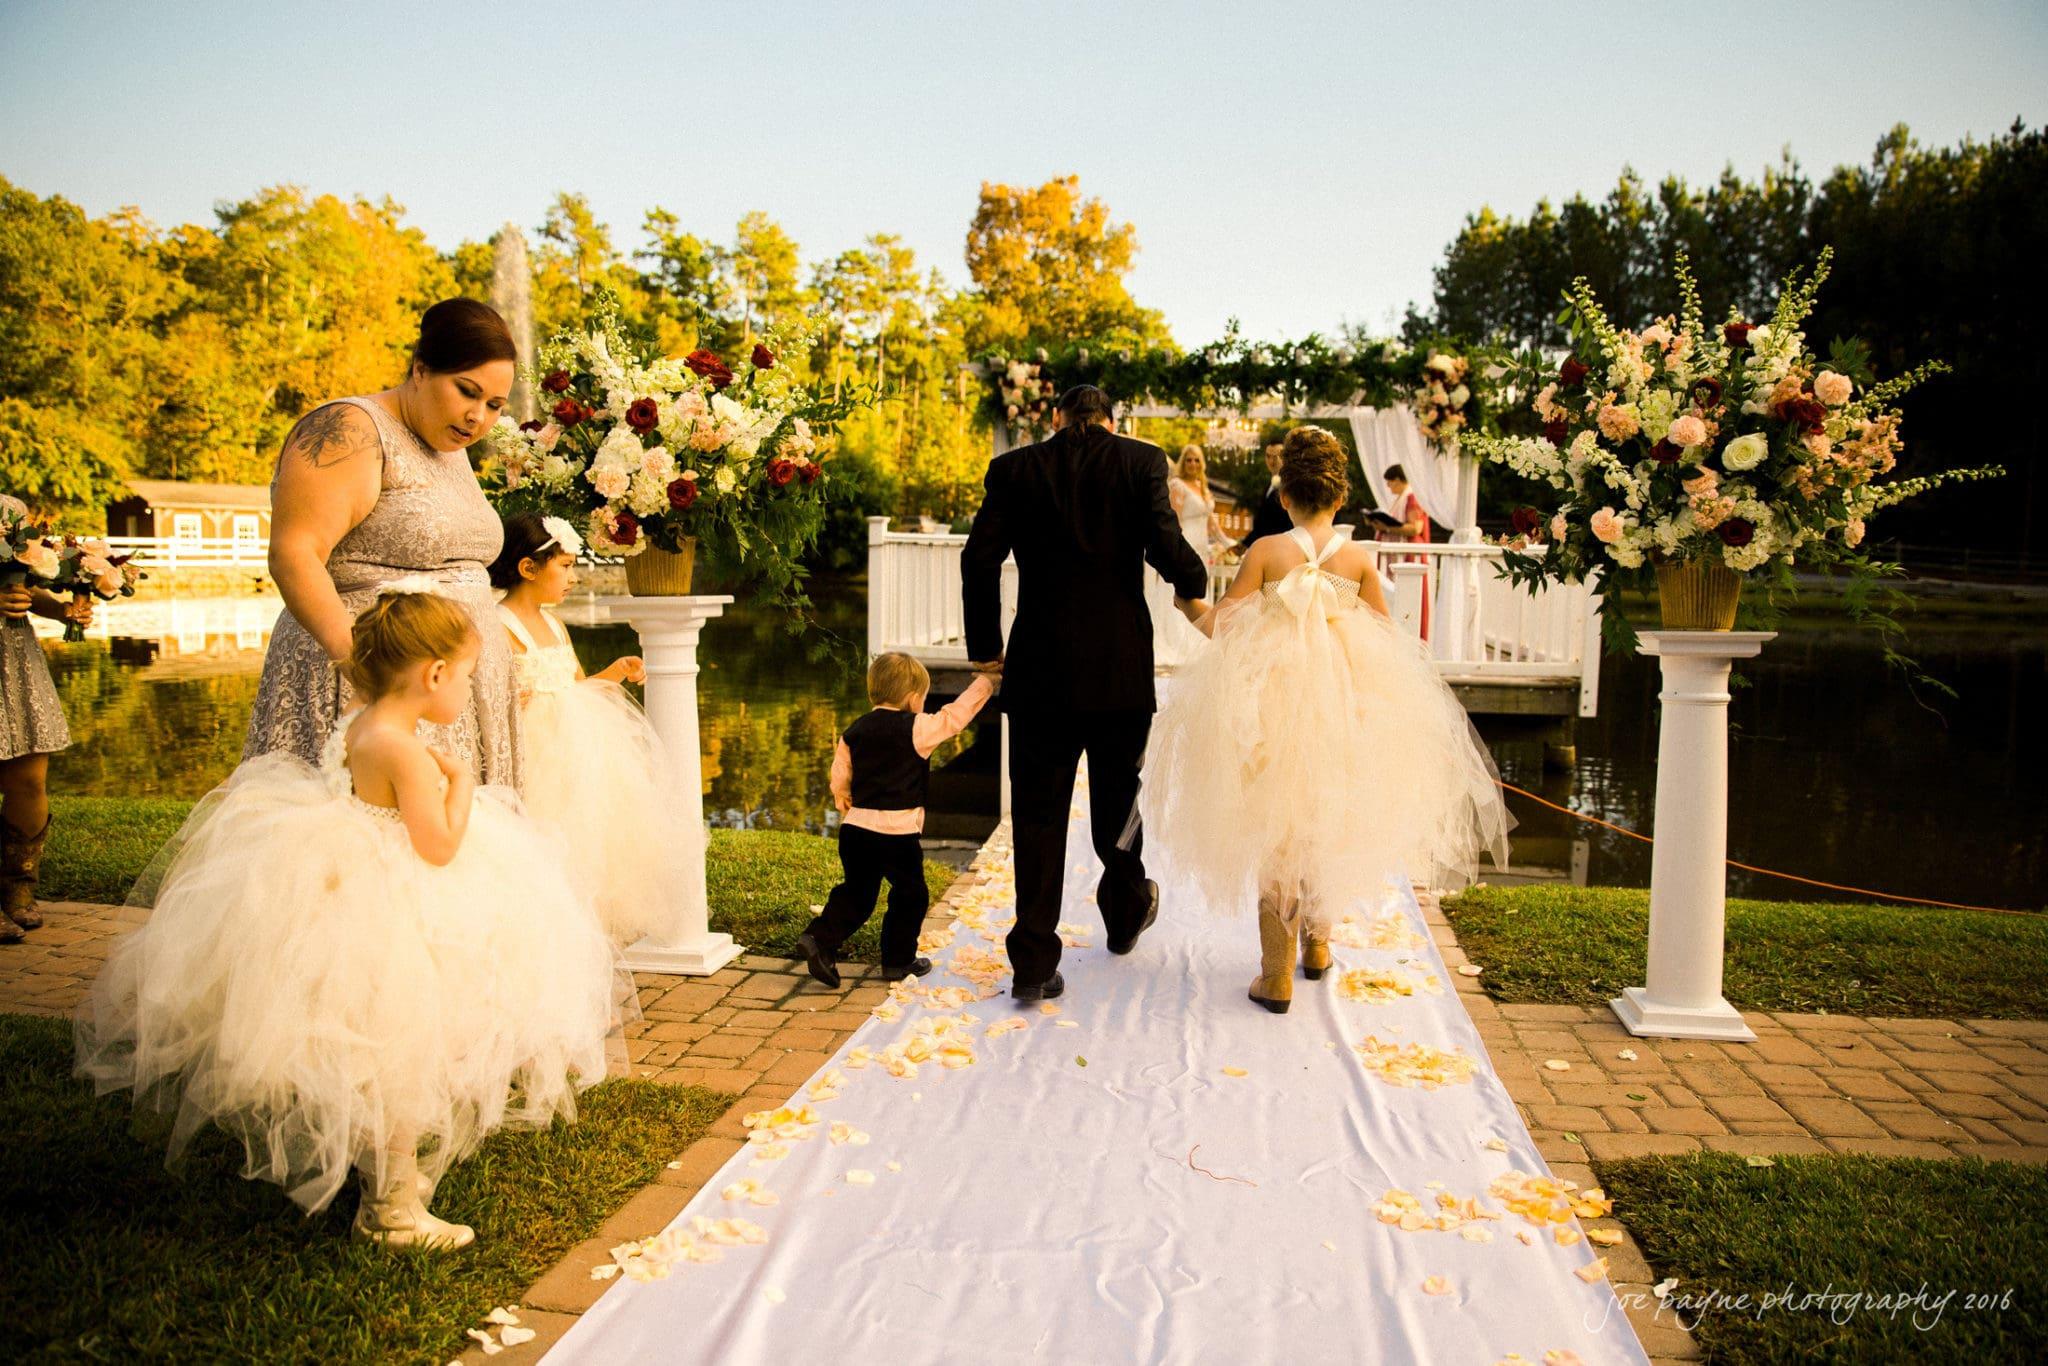 shady-wagon-farm-wedding-photography-danielle-josh-23